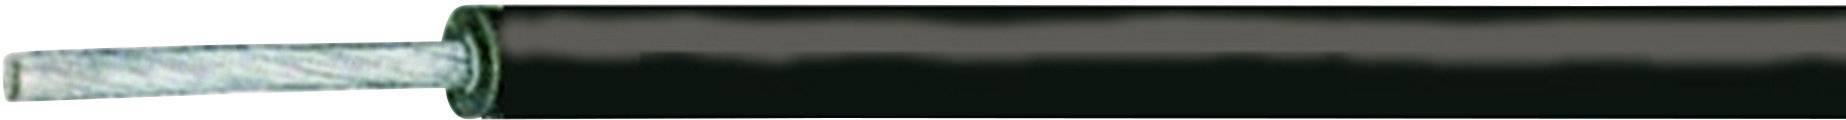 Pletenica SiL-SiAF 1 x 6 mm, rdeča XBK Kabel cena za meter